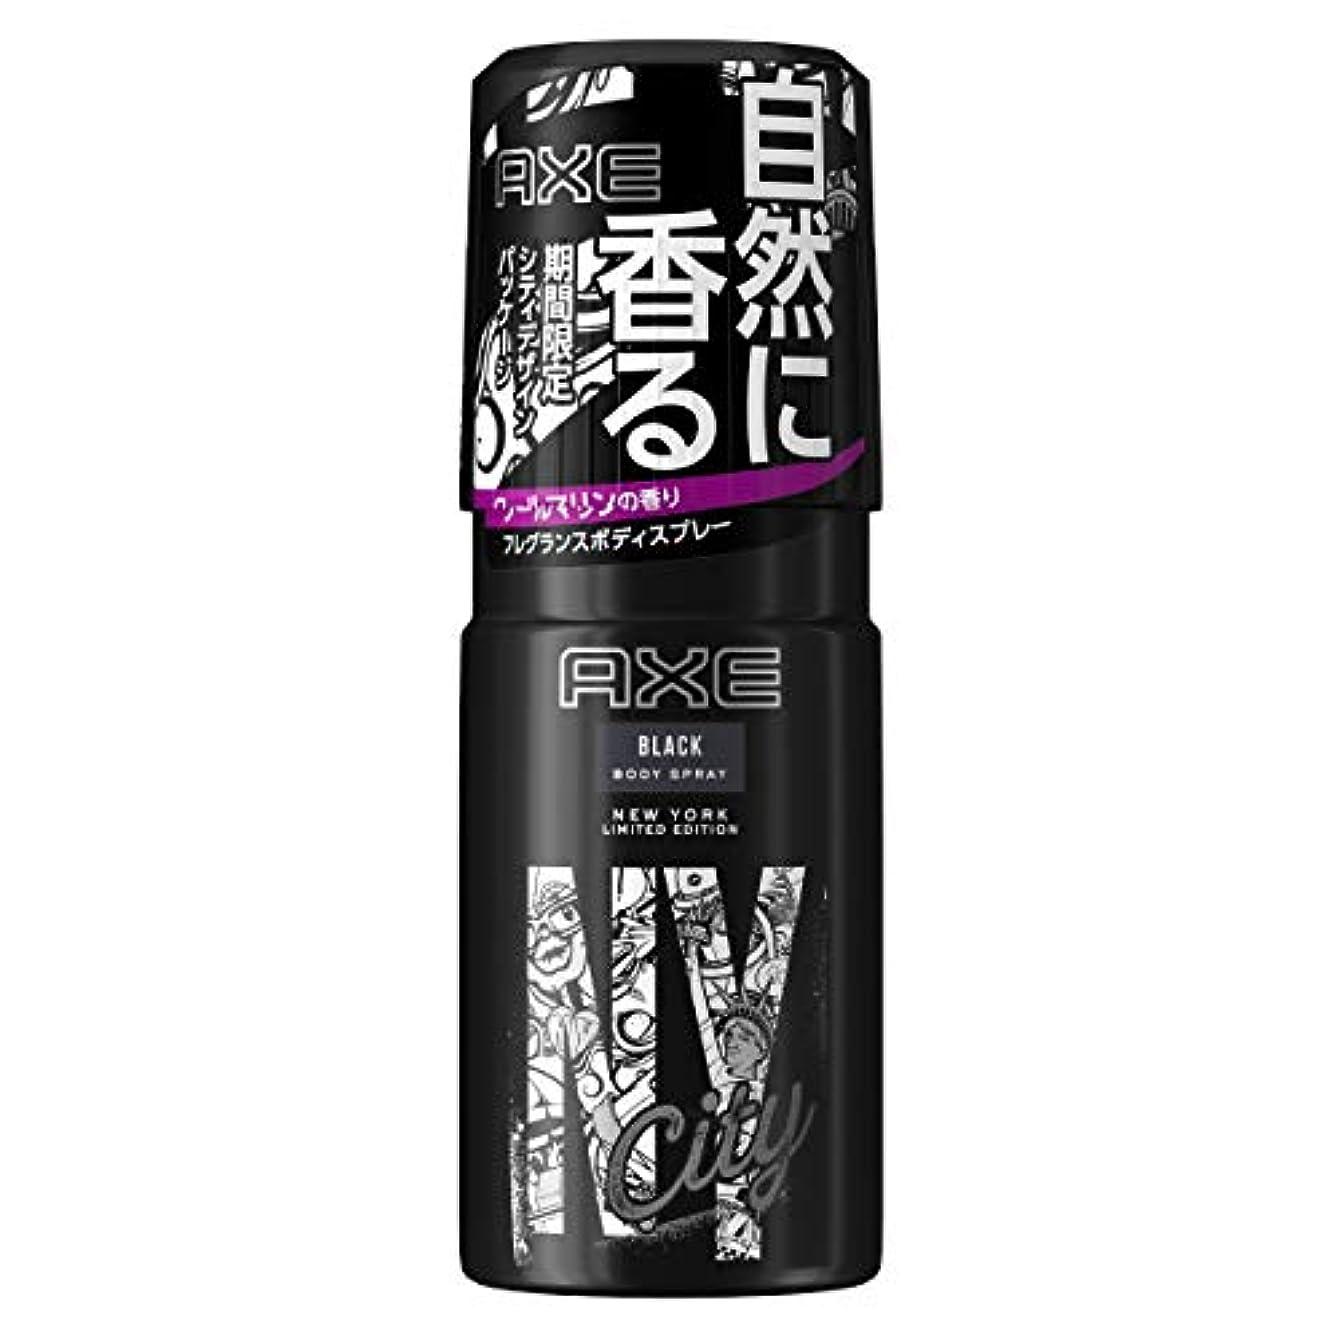 放置ベリ非効率的なアックス フレグランス ボディスプレー ブラック 60g (クールマリンのさりげない香り)